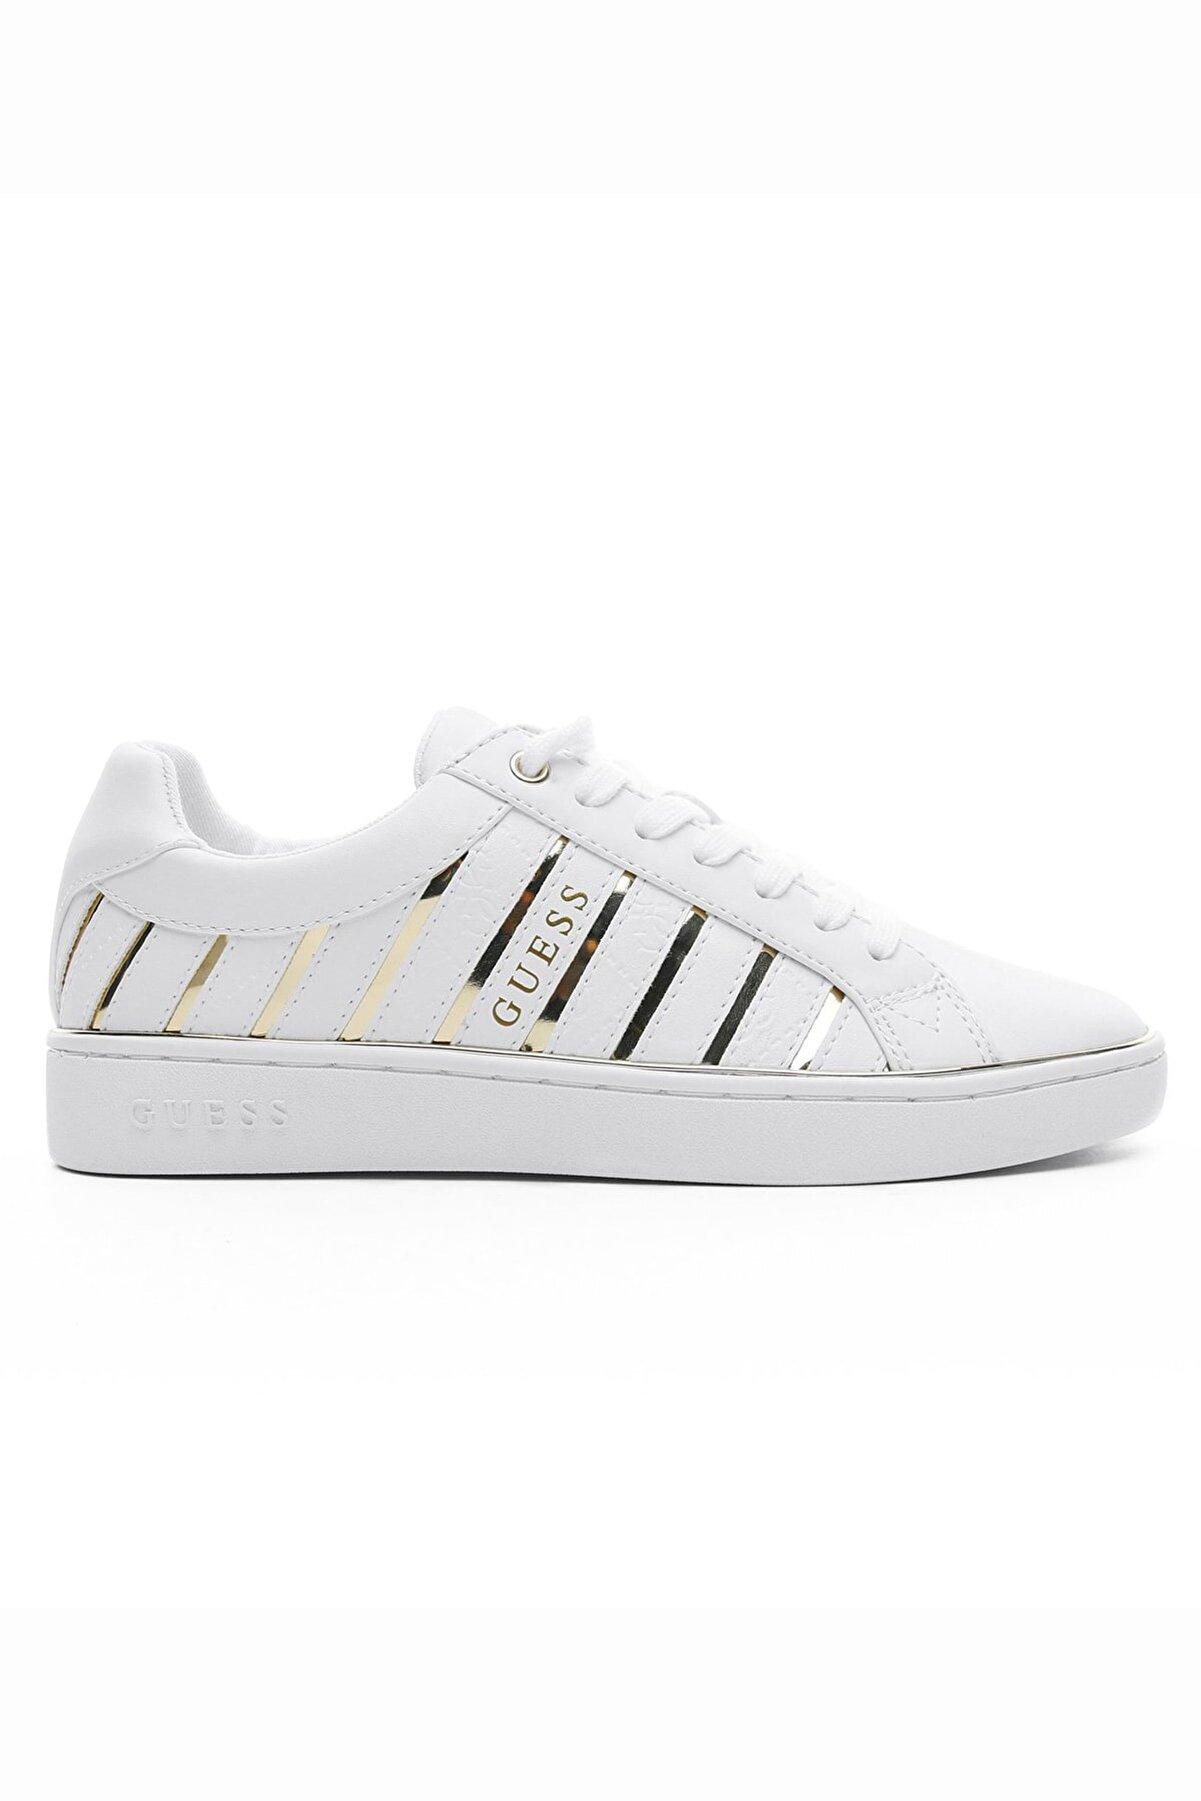 Guess Bolier Beyaz-dore Kadın Sneaker